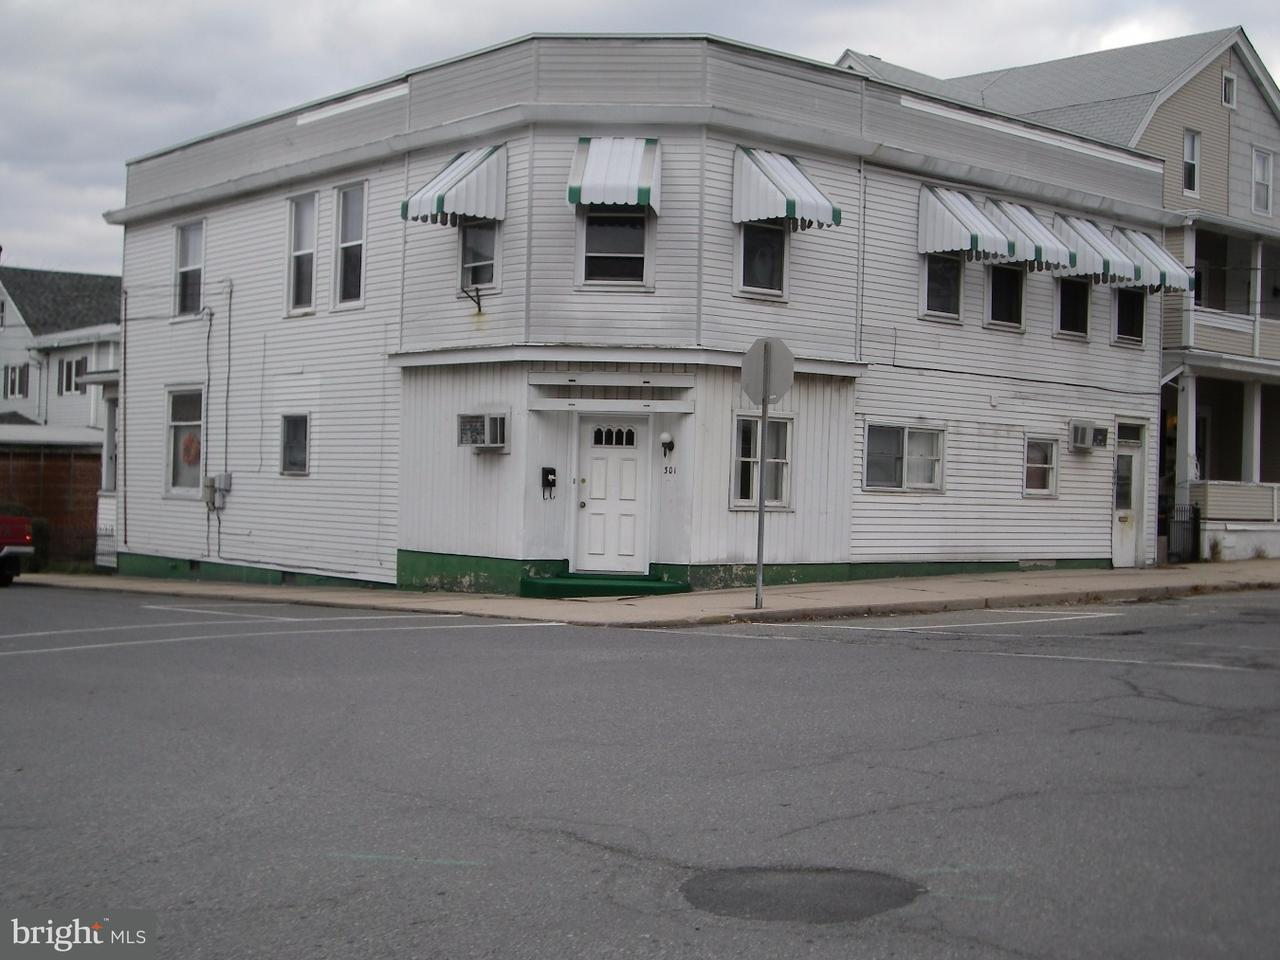 Разнобразная частная недвижимость для того Продажа на 301 E BERTSCH Street Lansford, Пенсильвания 18232 Соединенные Штаты